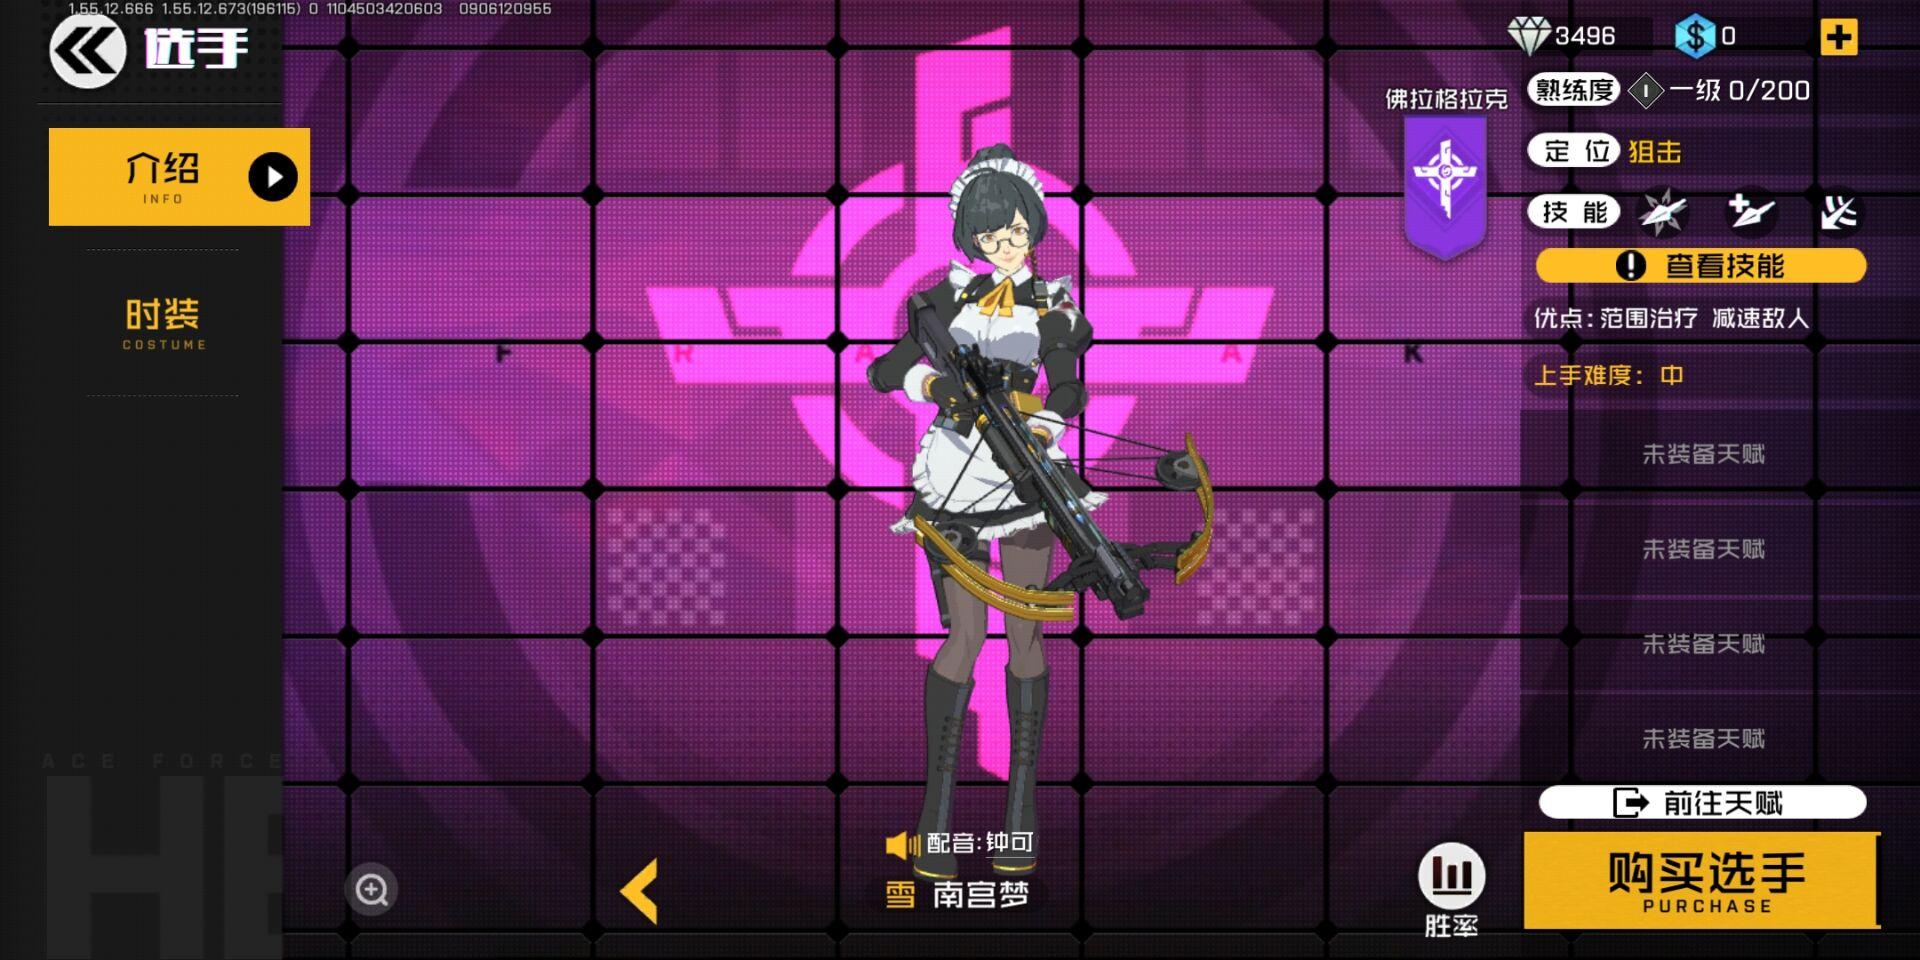 斗龙战士图片